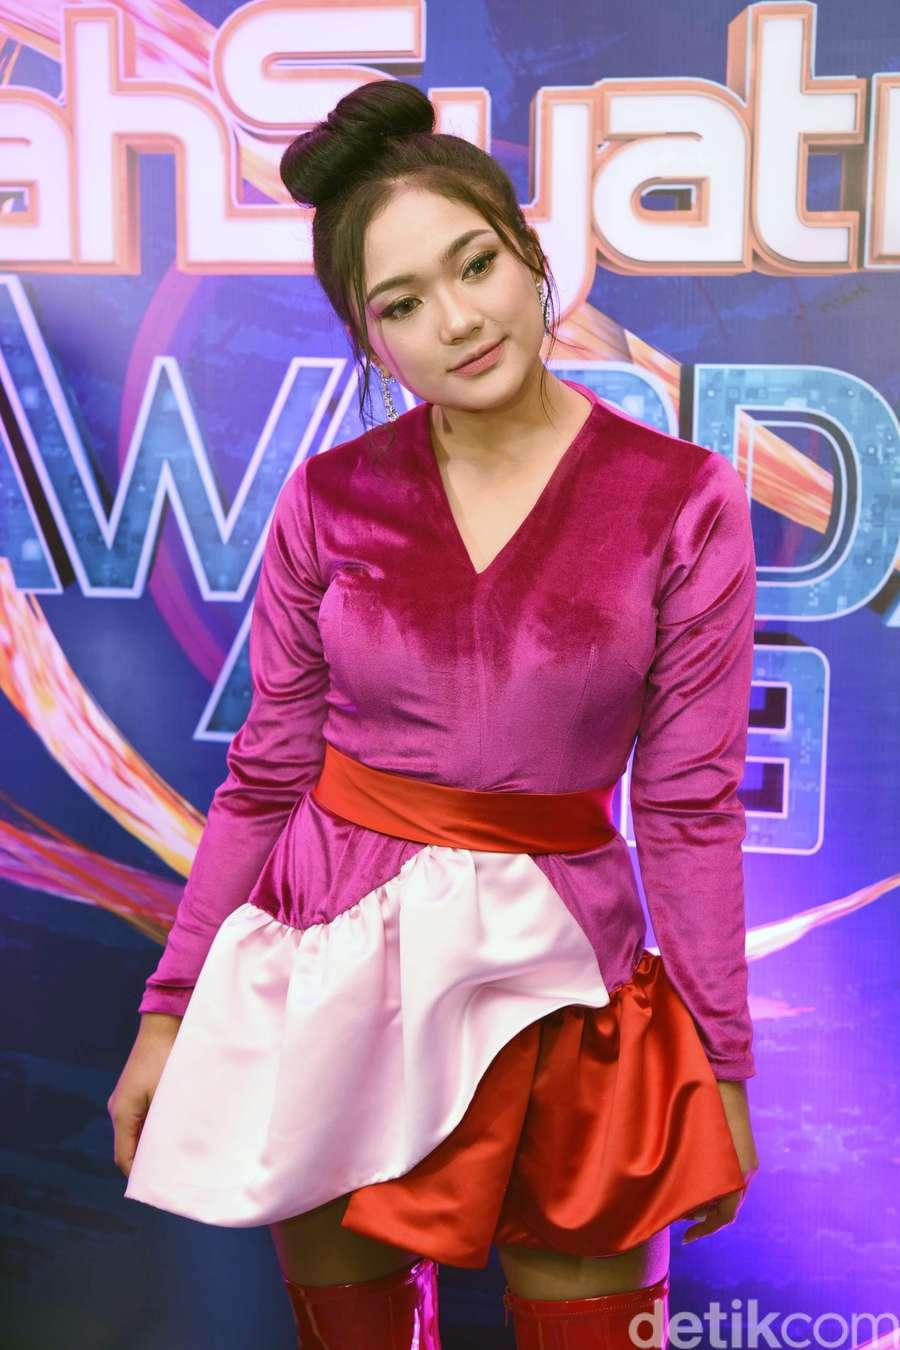 Cantik dan Manisnya Marion Jola dengan Busana Pink